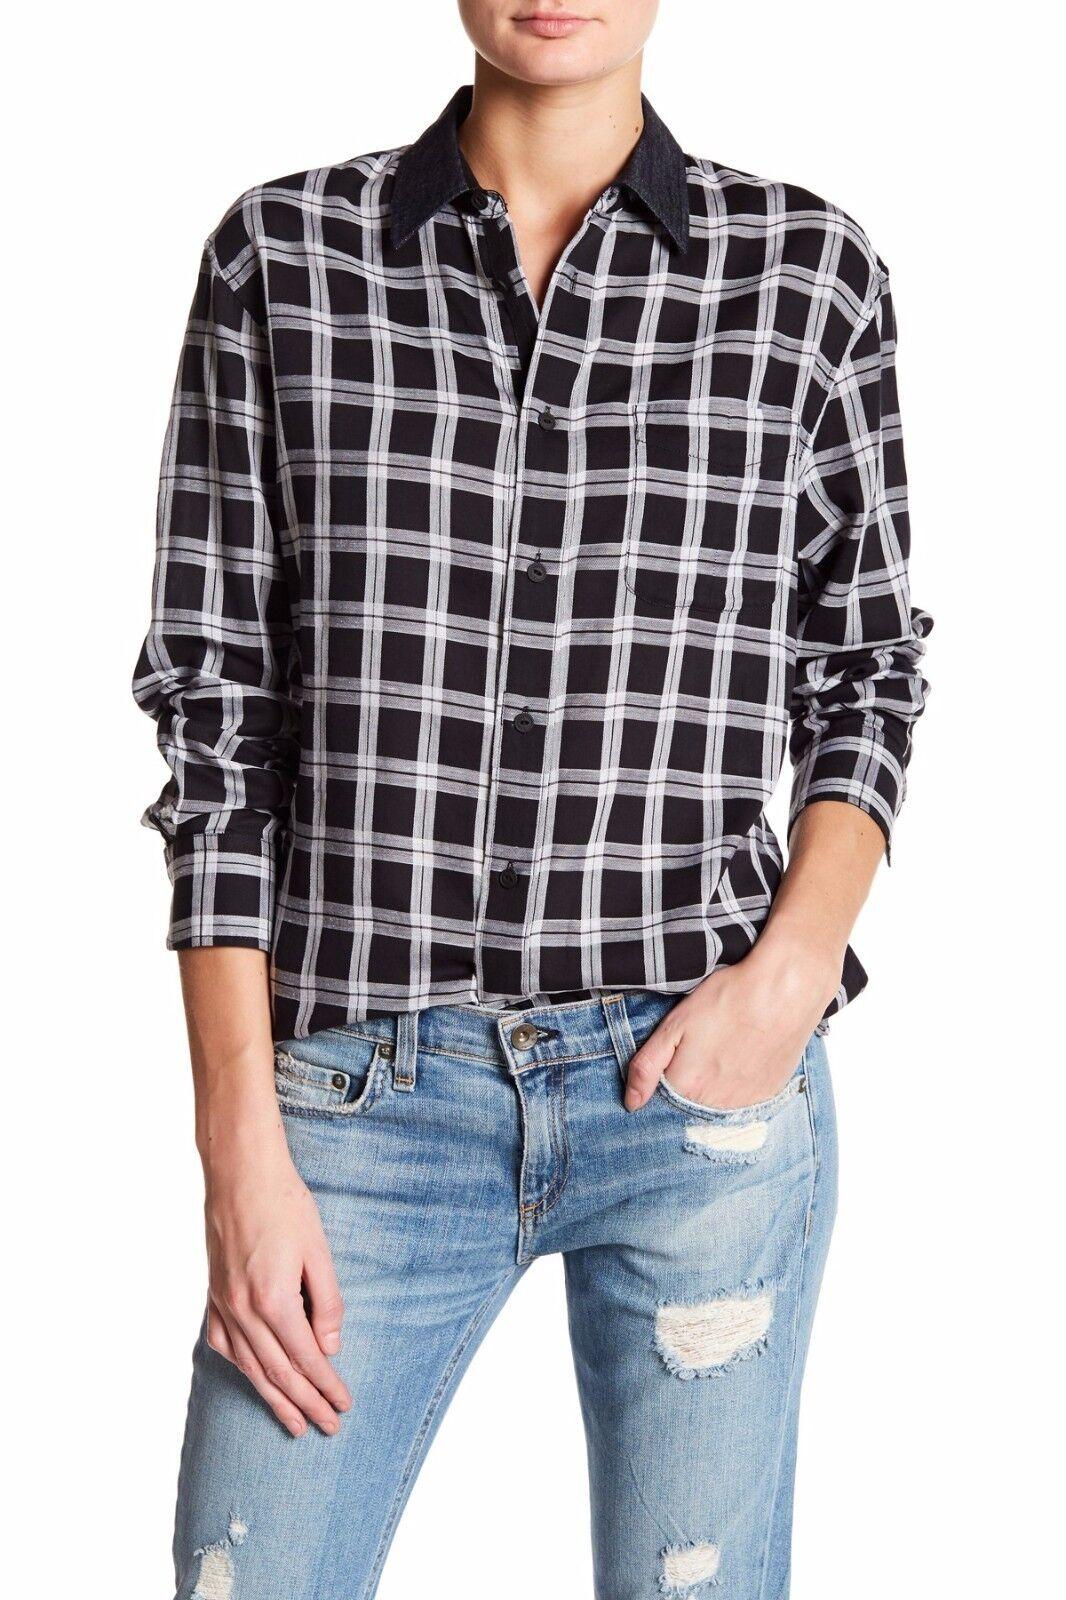 Rag & Bone Plaid Boyfriend Shirt Top Größe XS Neuf Avec Étiquettes 195